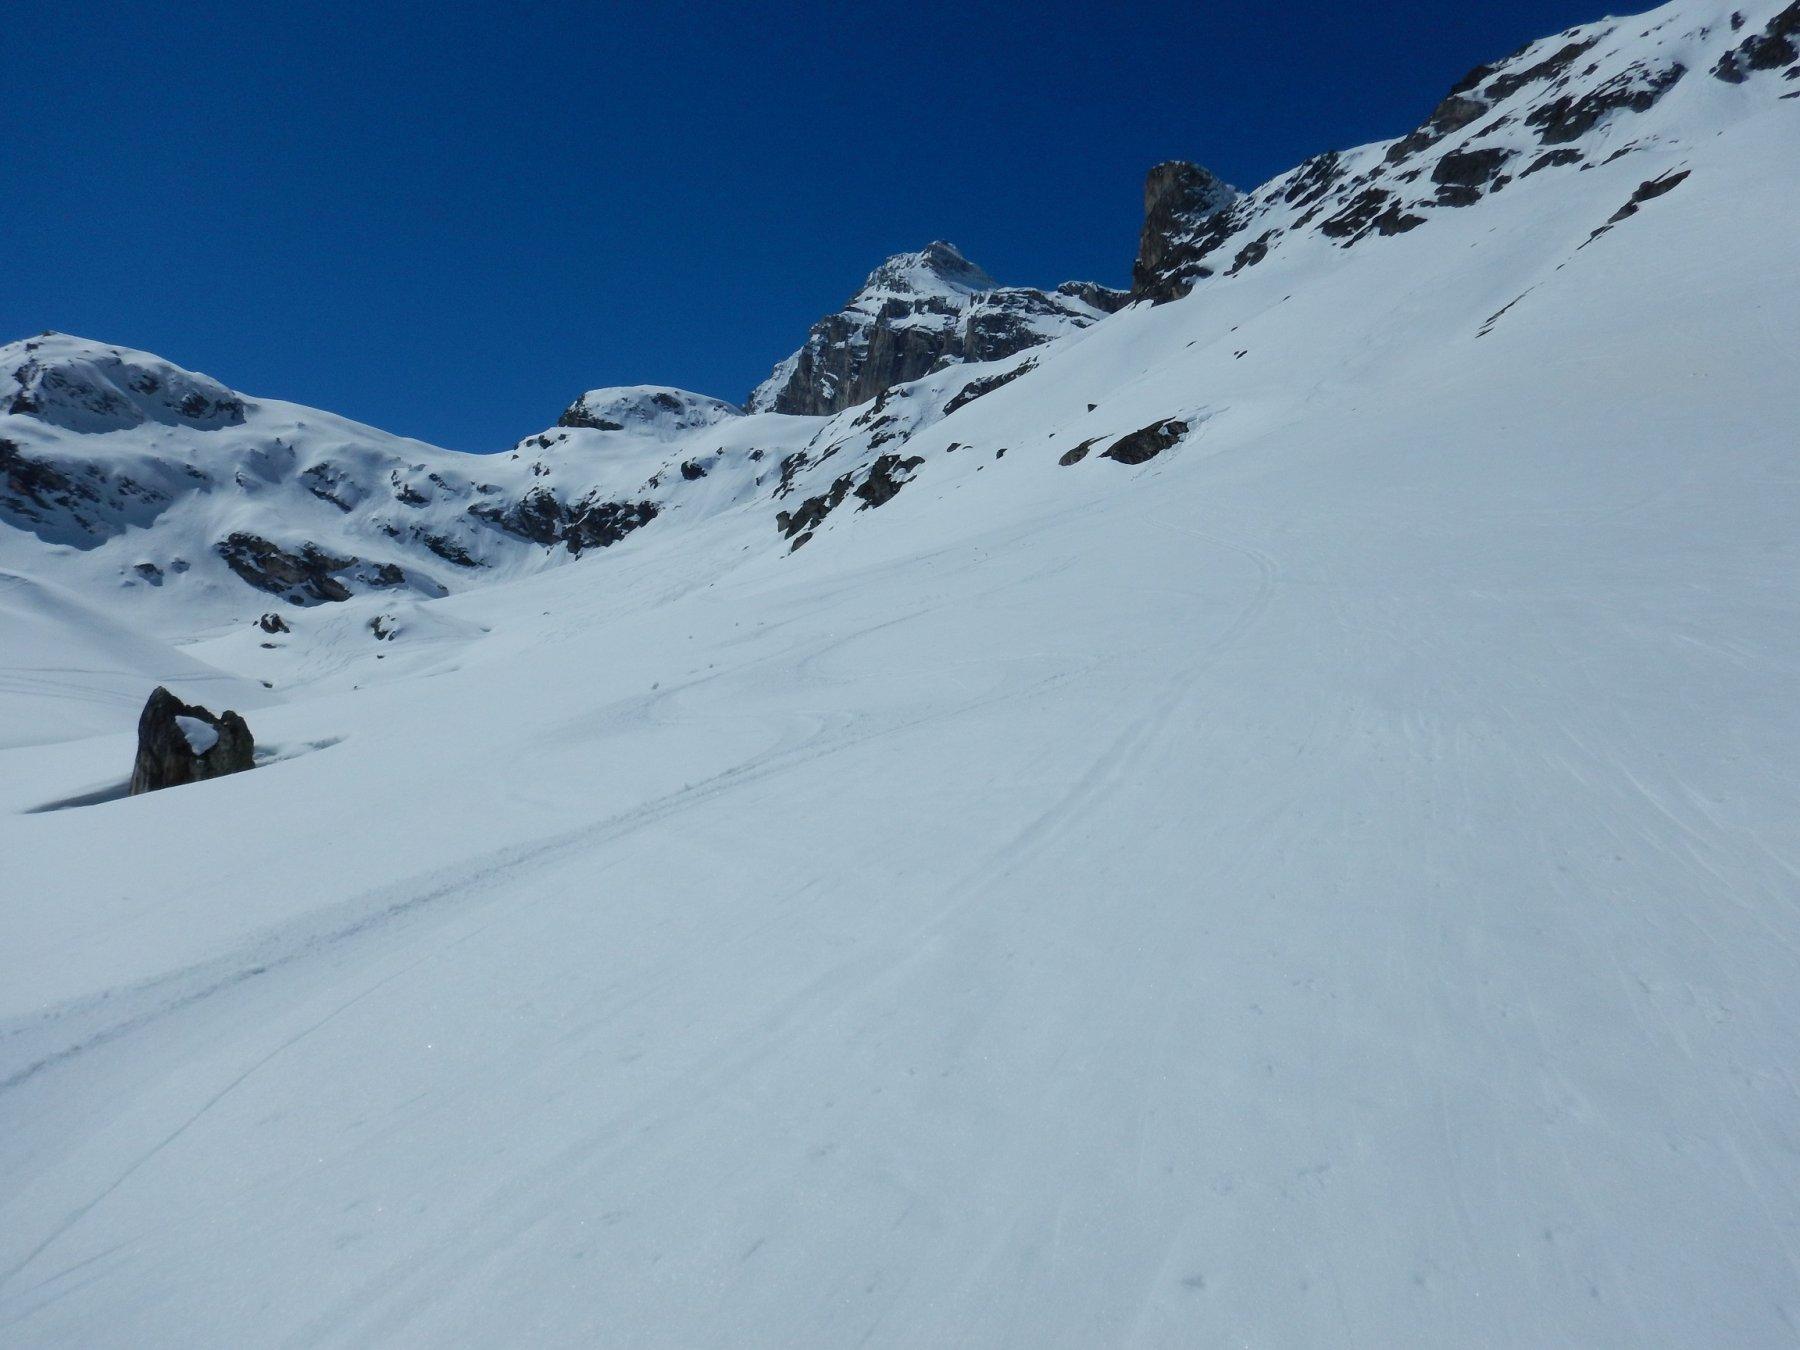 splendida neve primaverile nei pendii che scendono sul benevolo